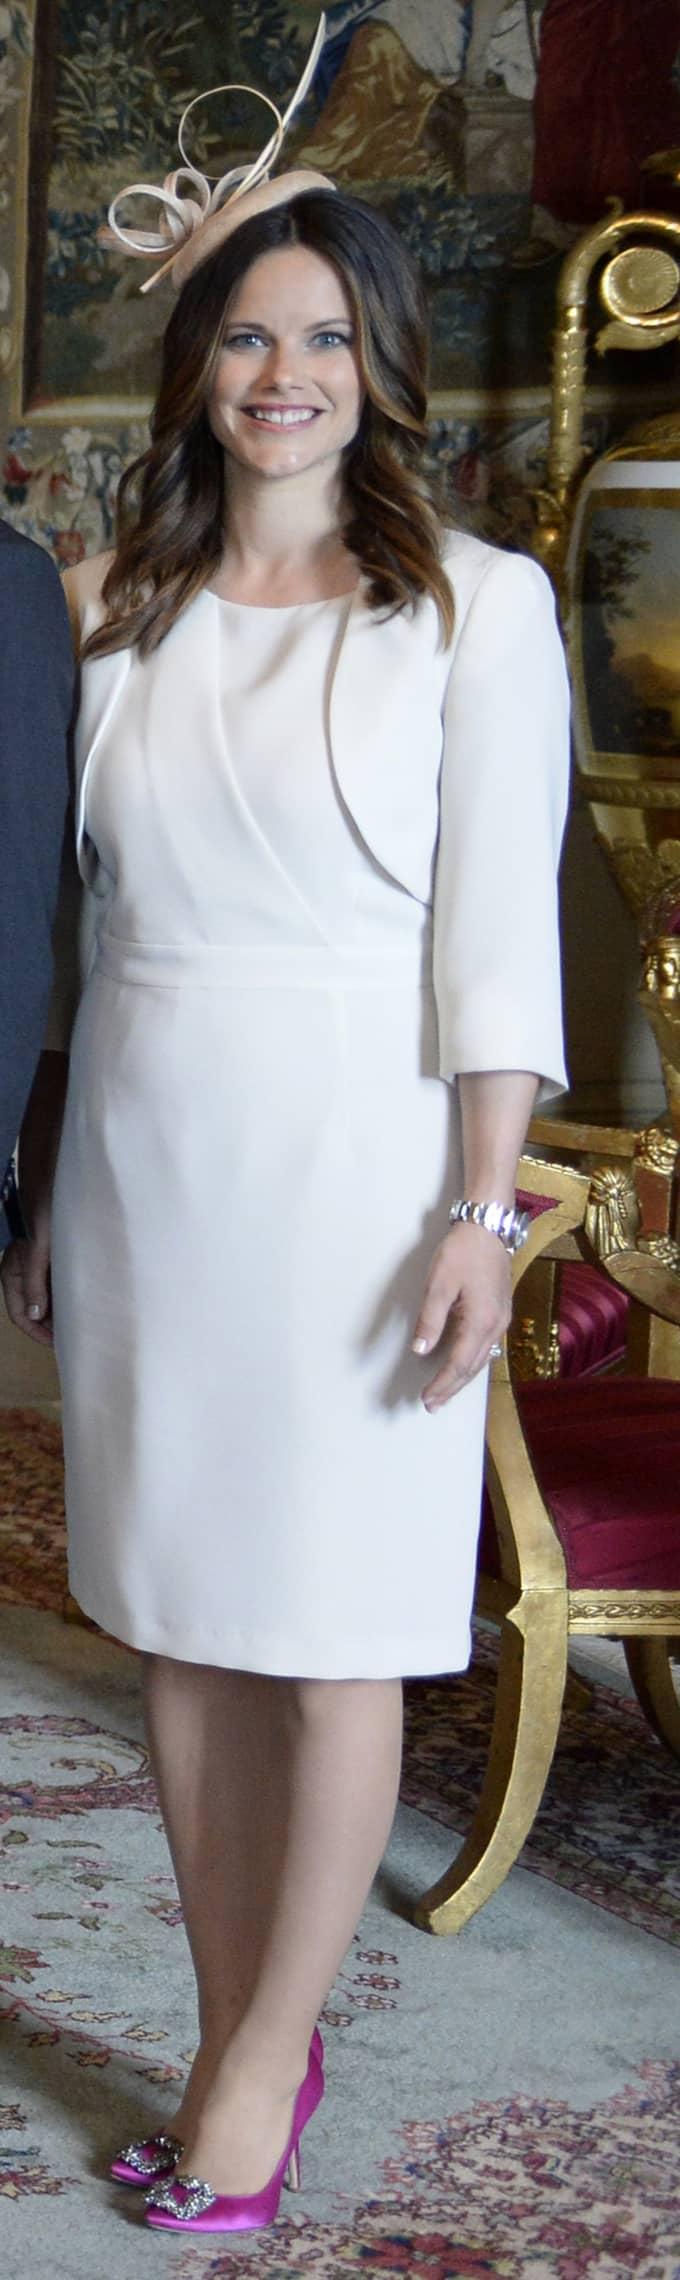 """""""Sofia ser sommarfin ut i sitt slimmade fodral med vackra veckade detaljer. Här visar hon dessutom hur rätt accessoarer kan lyfta hela stilen. De härligt färgstarka skorna är precis vad den här vita outfiten behöver. Snyggt!"""" Foto: Jessica Gow/Tt"""